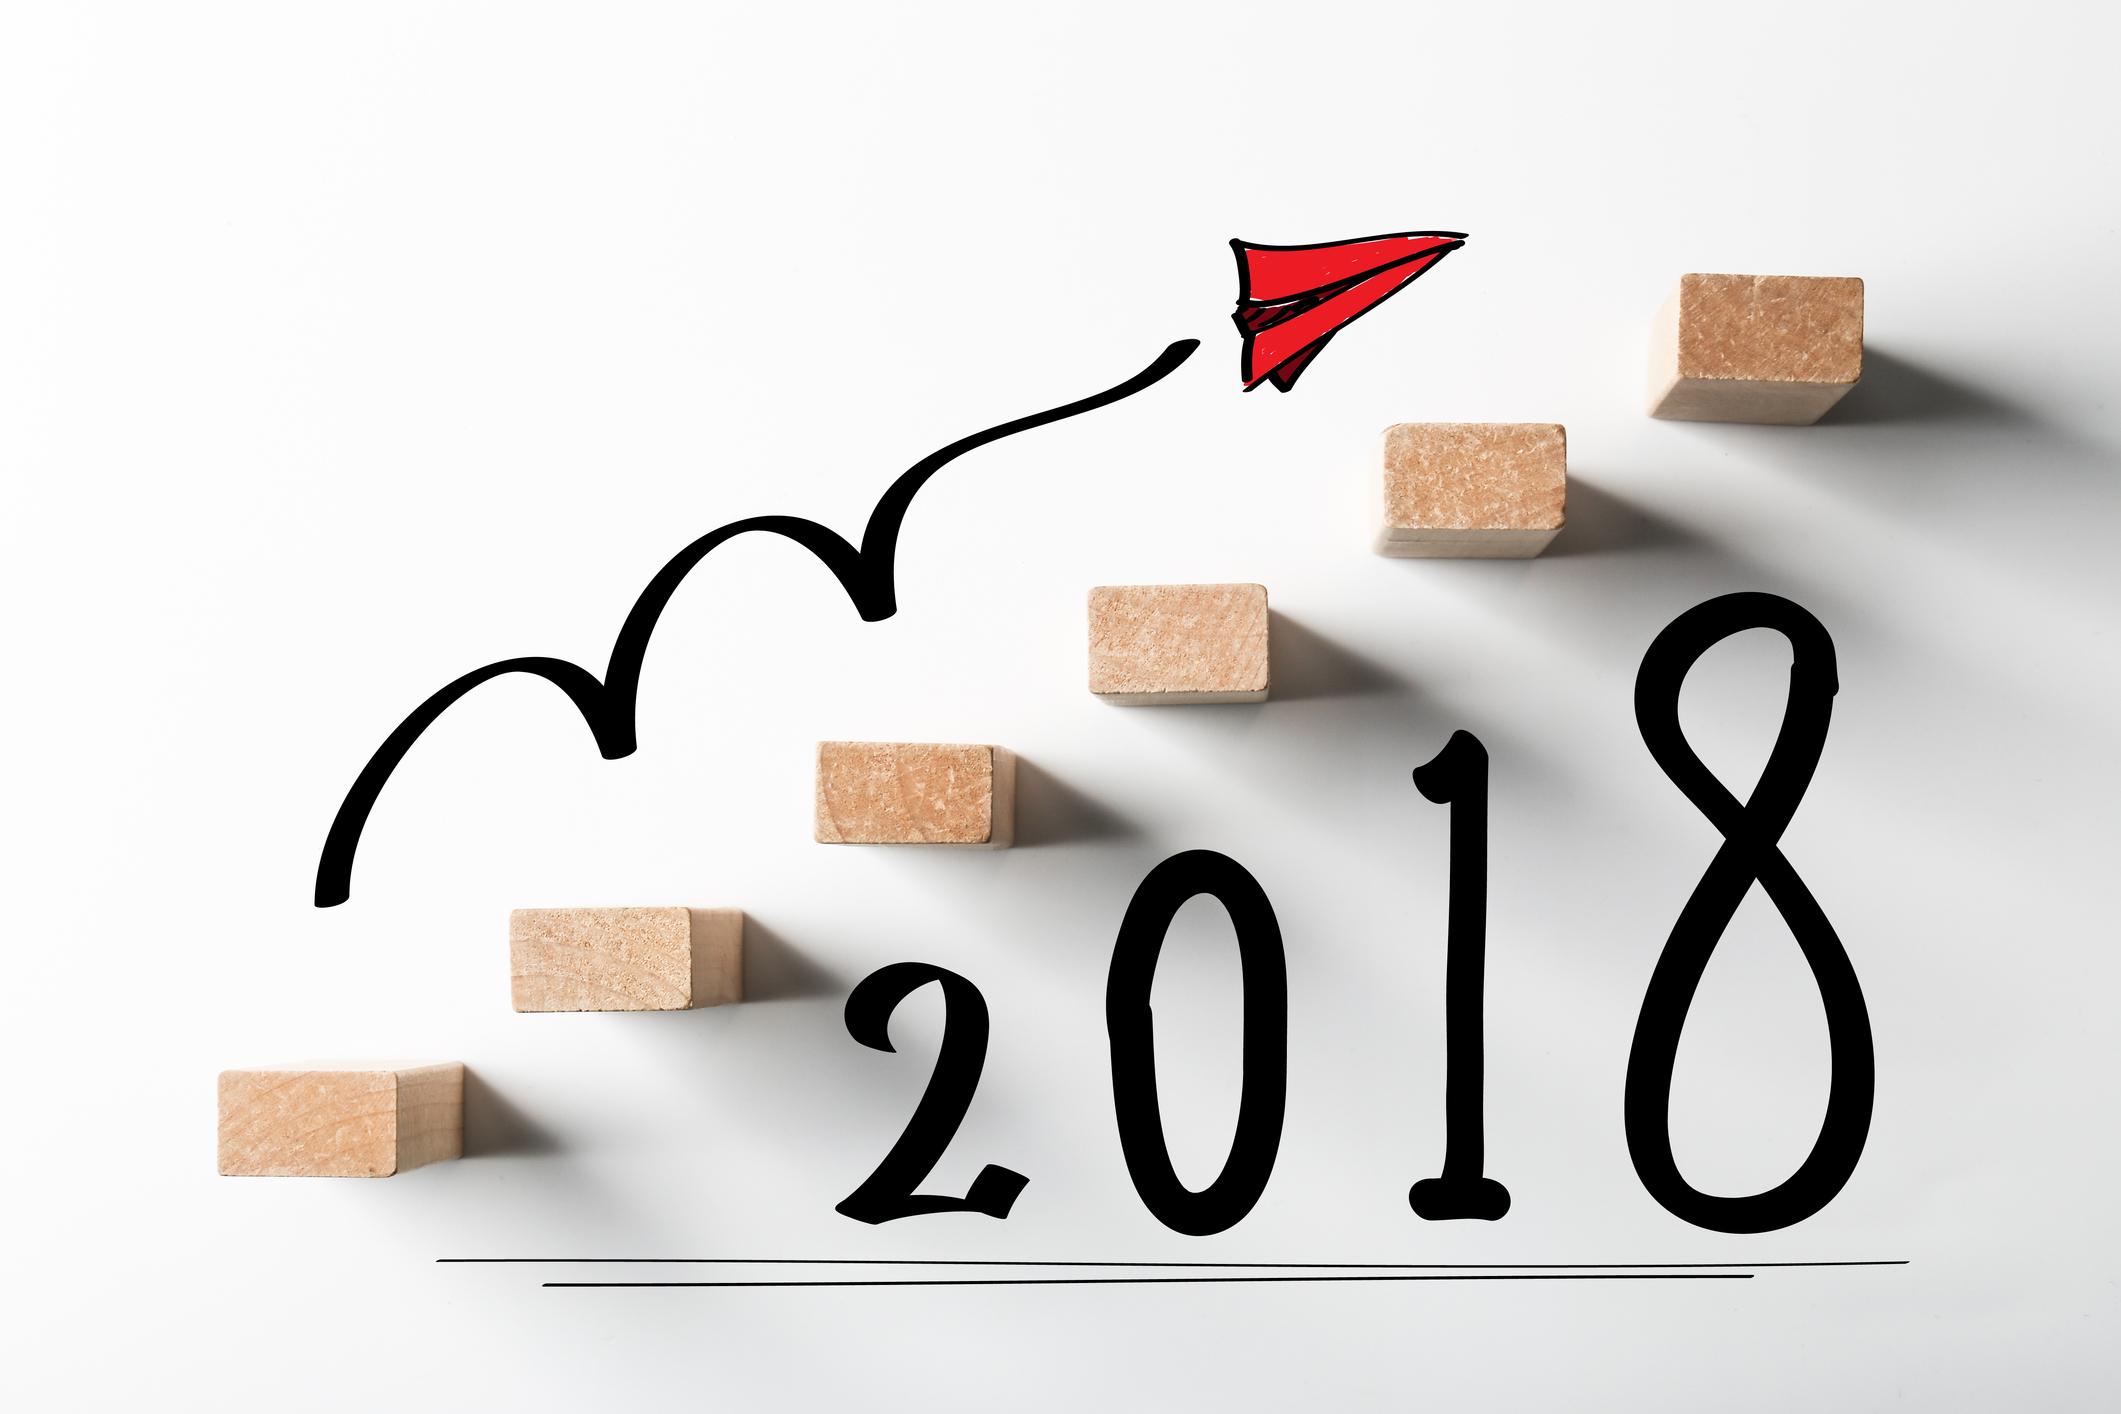 DE QUOI ENRICHIRONS-NOUS NOTRE ÊTRE EN 2018?